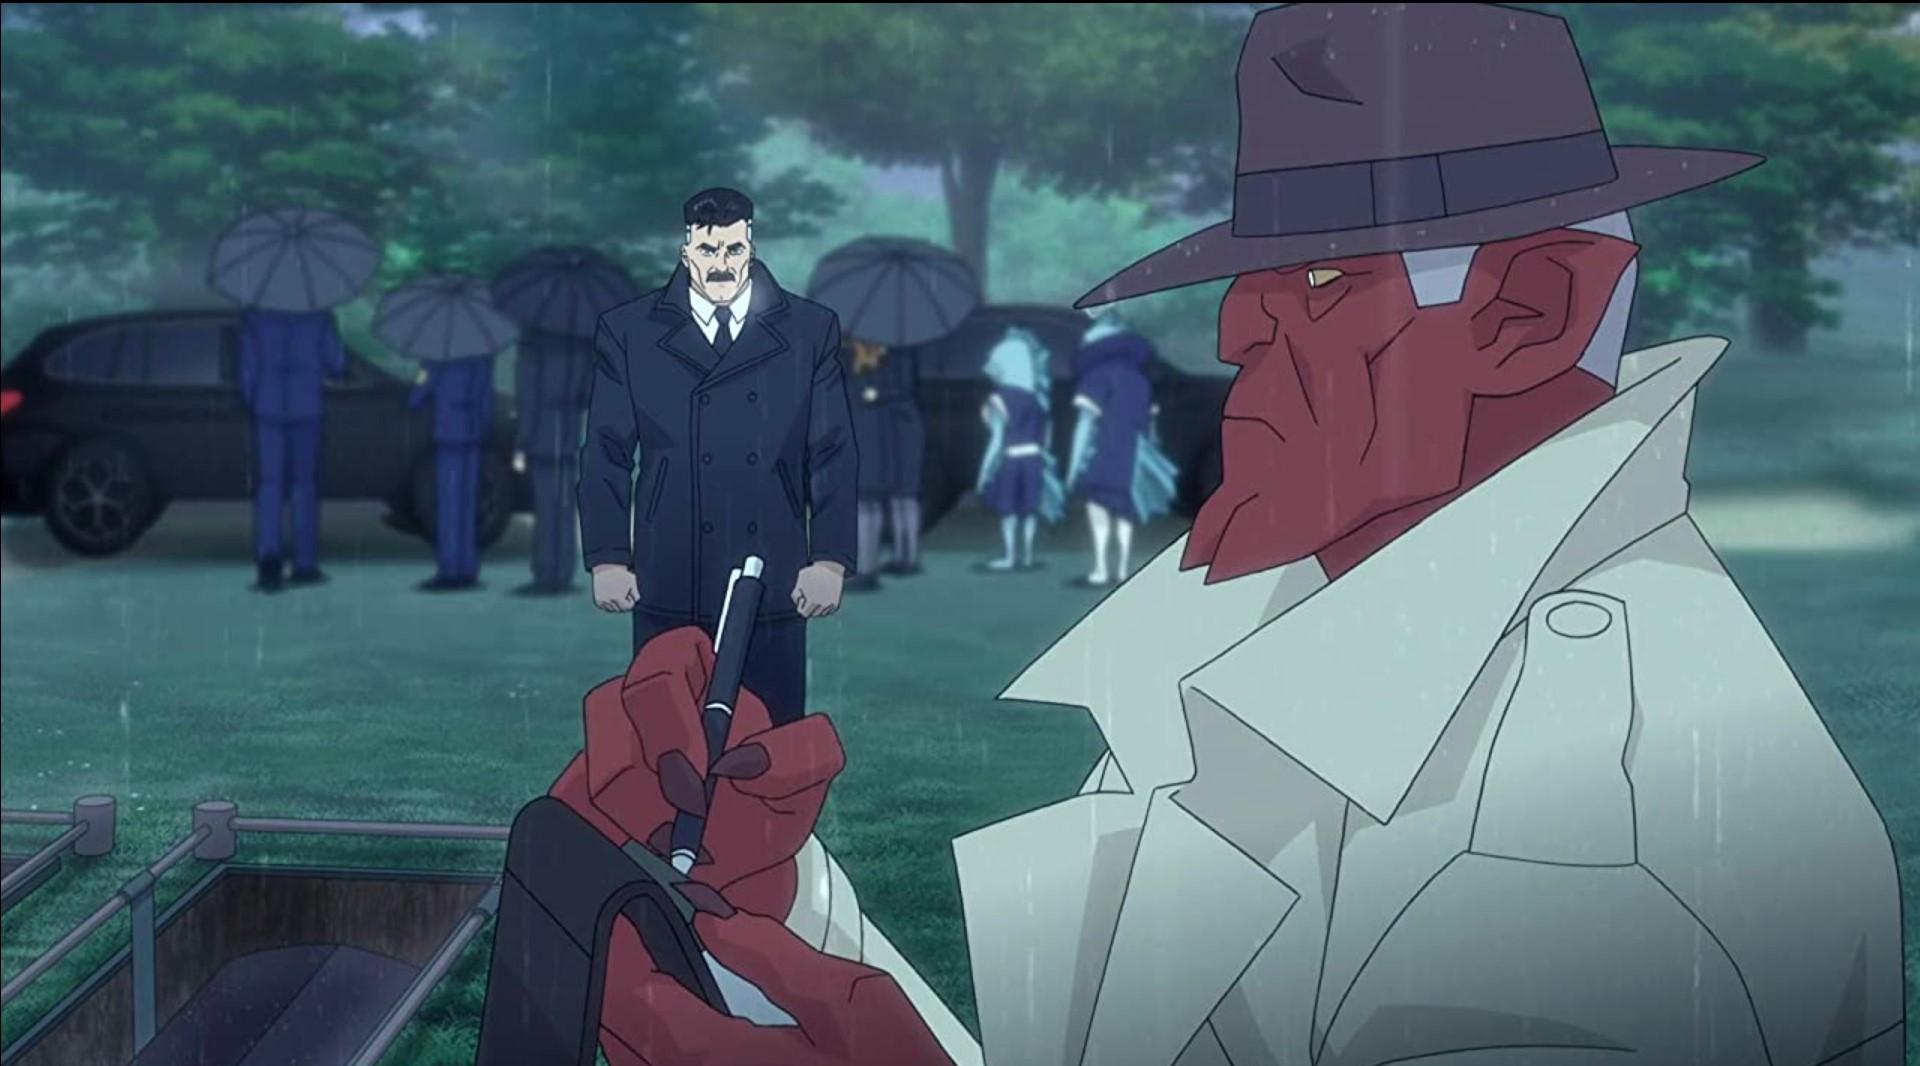 A démon detektív az Invincible sorozatban